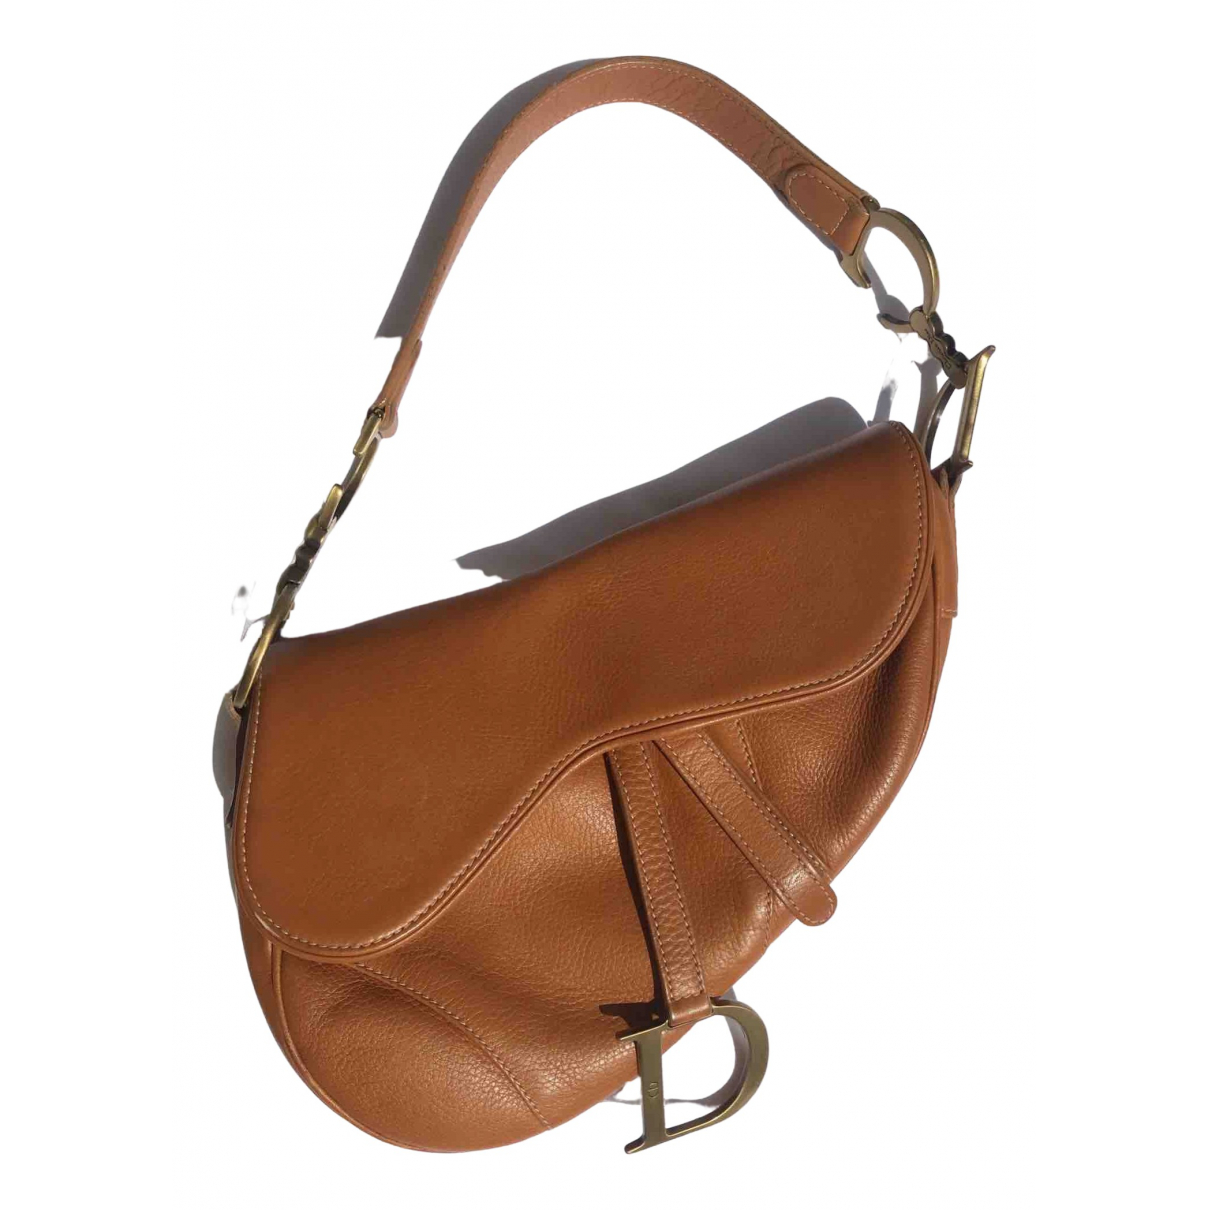 Dior Saddle Handtasche in  Kamel Leder